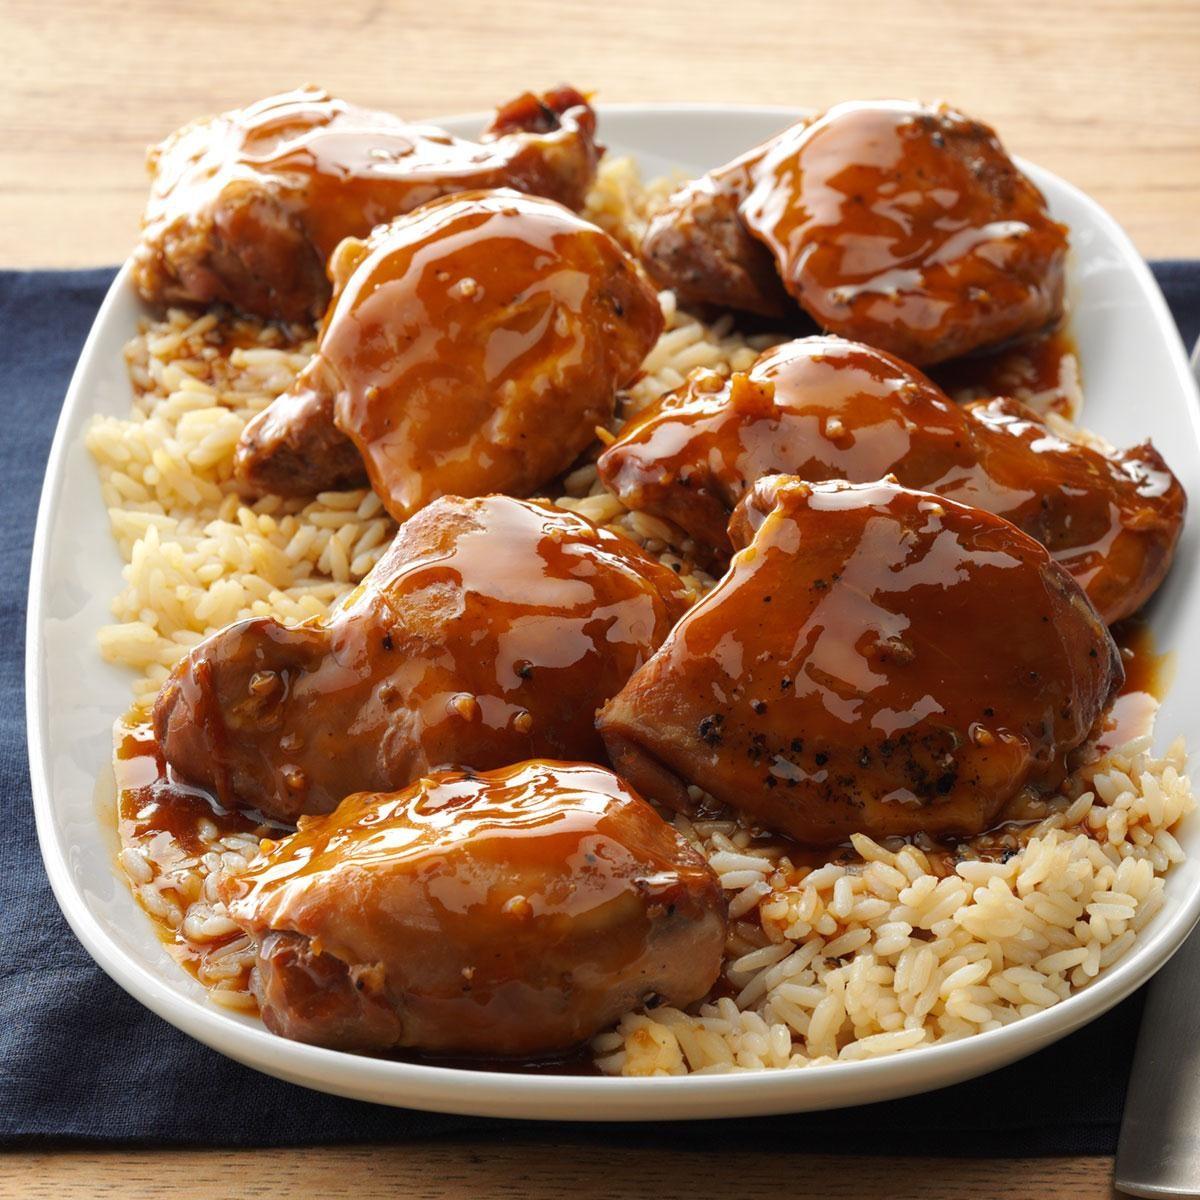 Inspired by: Cheesecake Factory Teriyaki Chicken